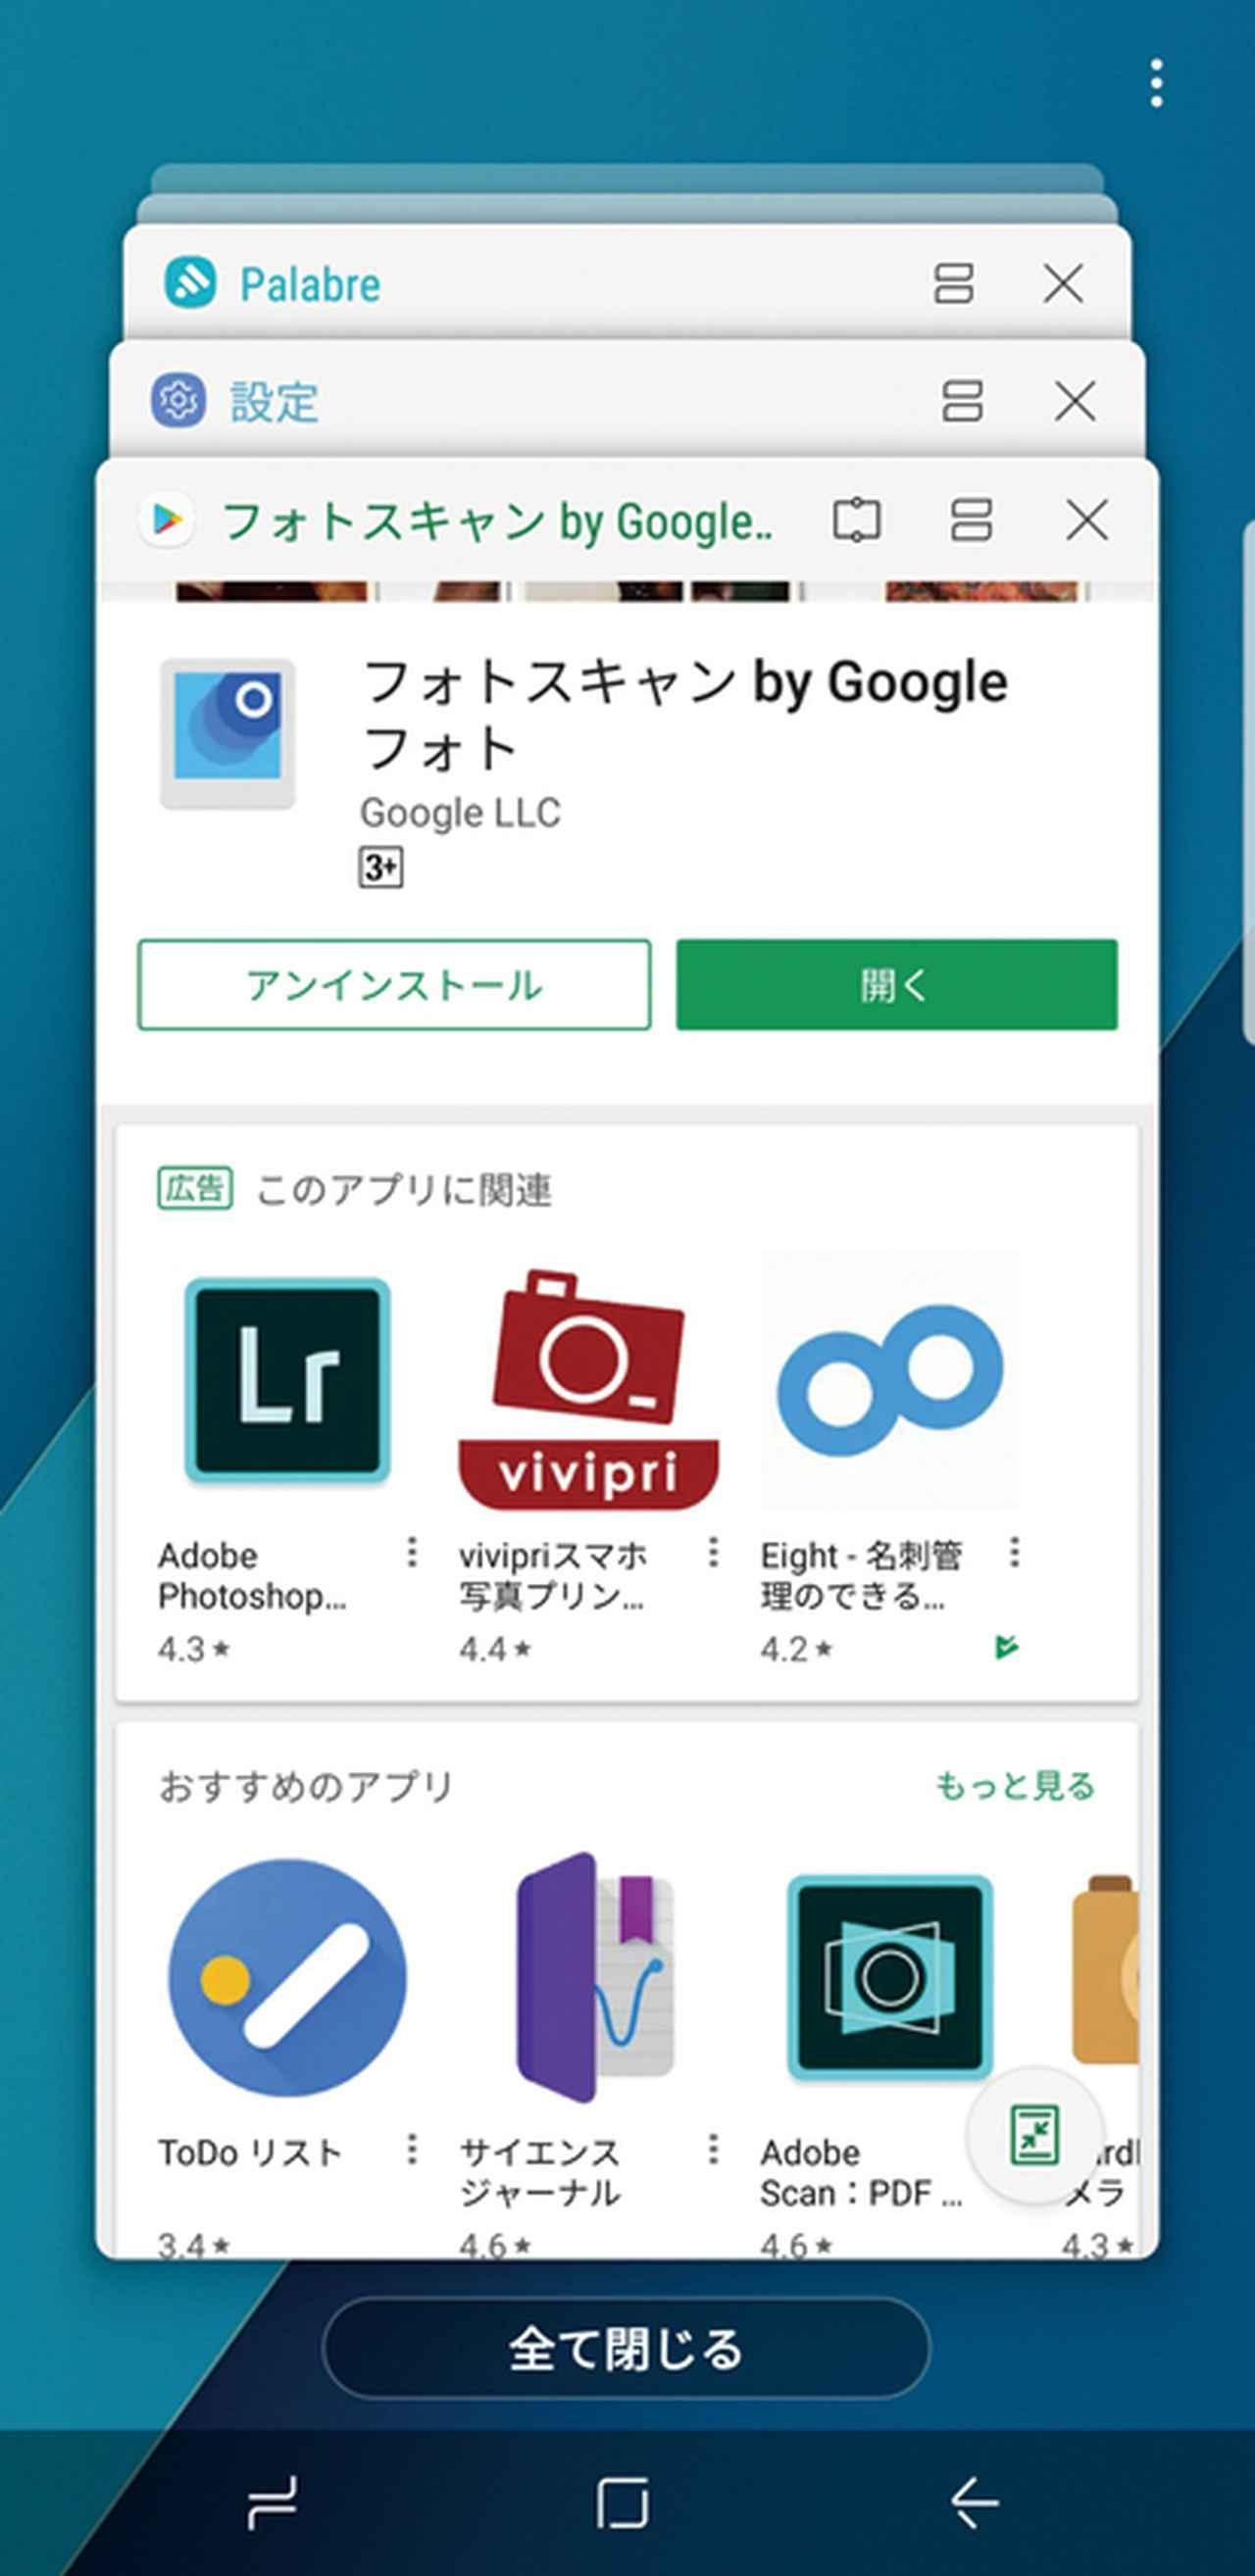 画像: Androidの場合、「×」マークのタップに加え、アプリ画面を左右どちらかにスワイプすることで終了させることも可能だ。